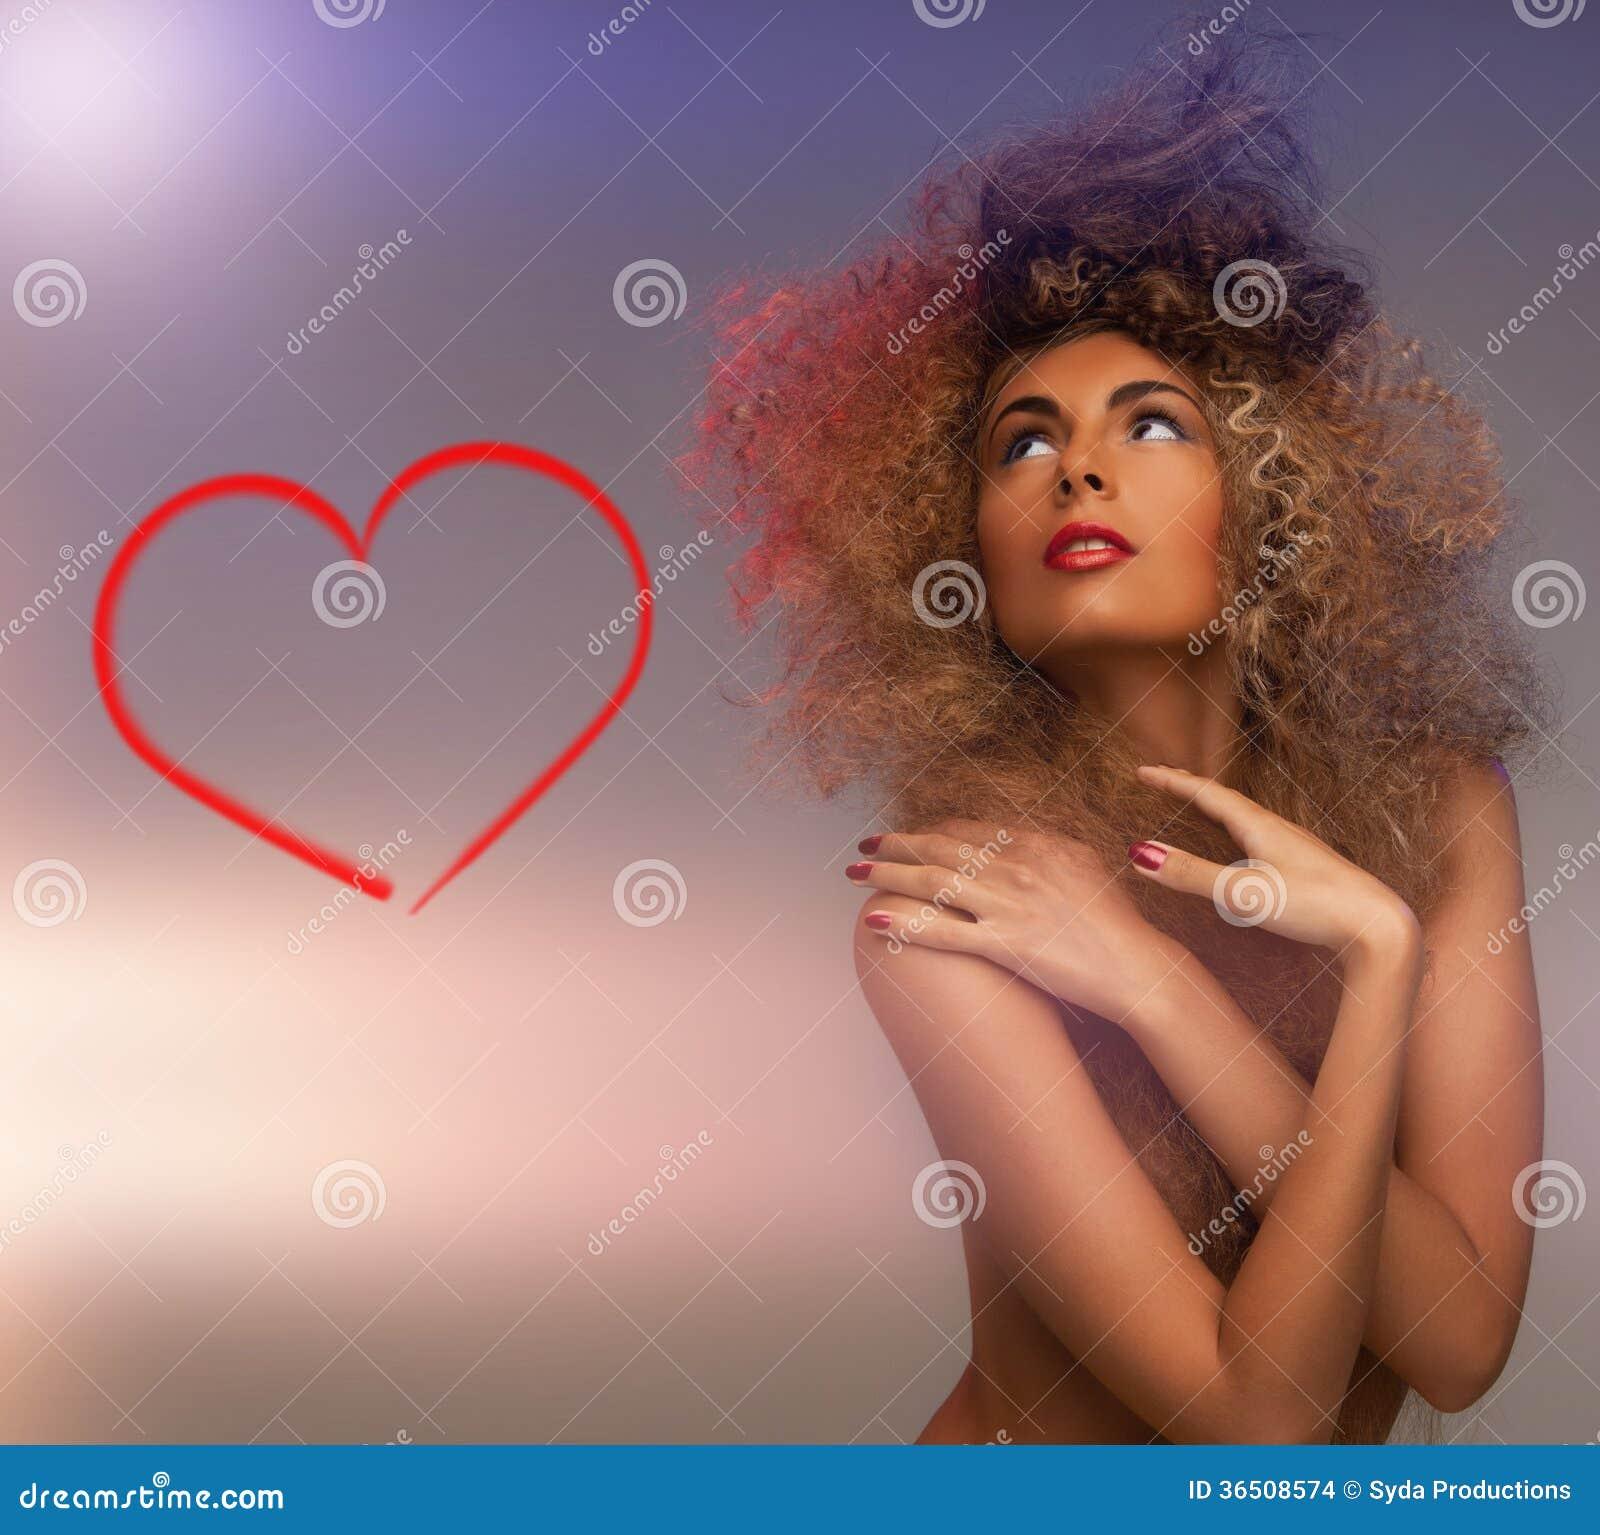 Femme avec de longs cheveux bouclés